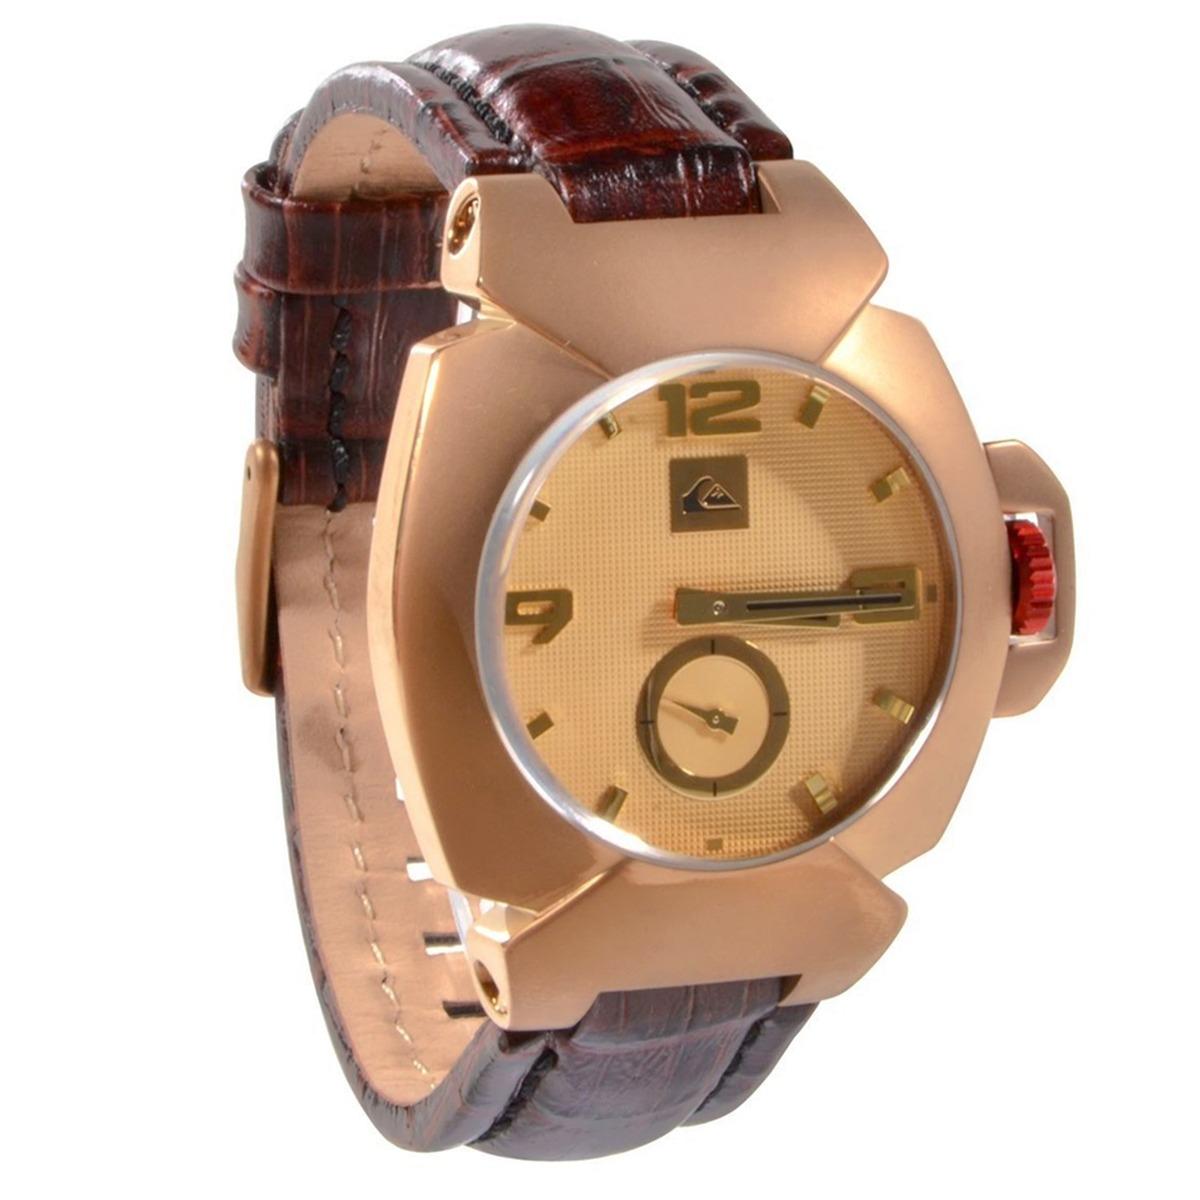 d90f42180fdcf relógio quiksilver foxhound leather cooper dourado. Carregando zoom.